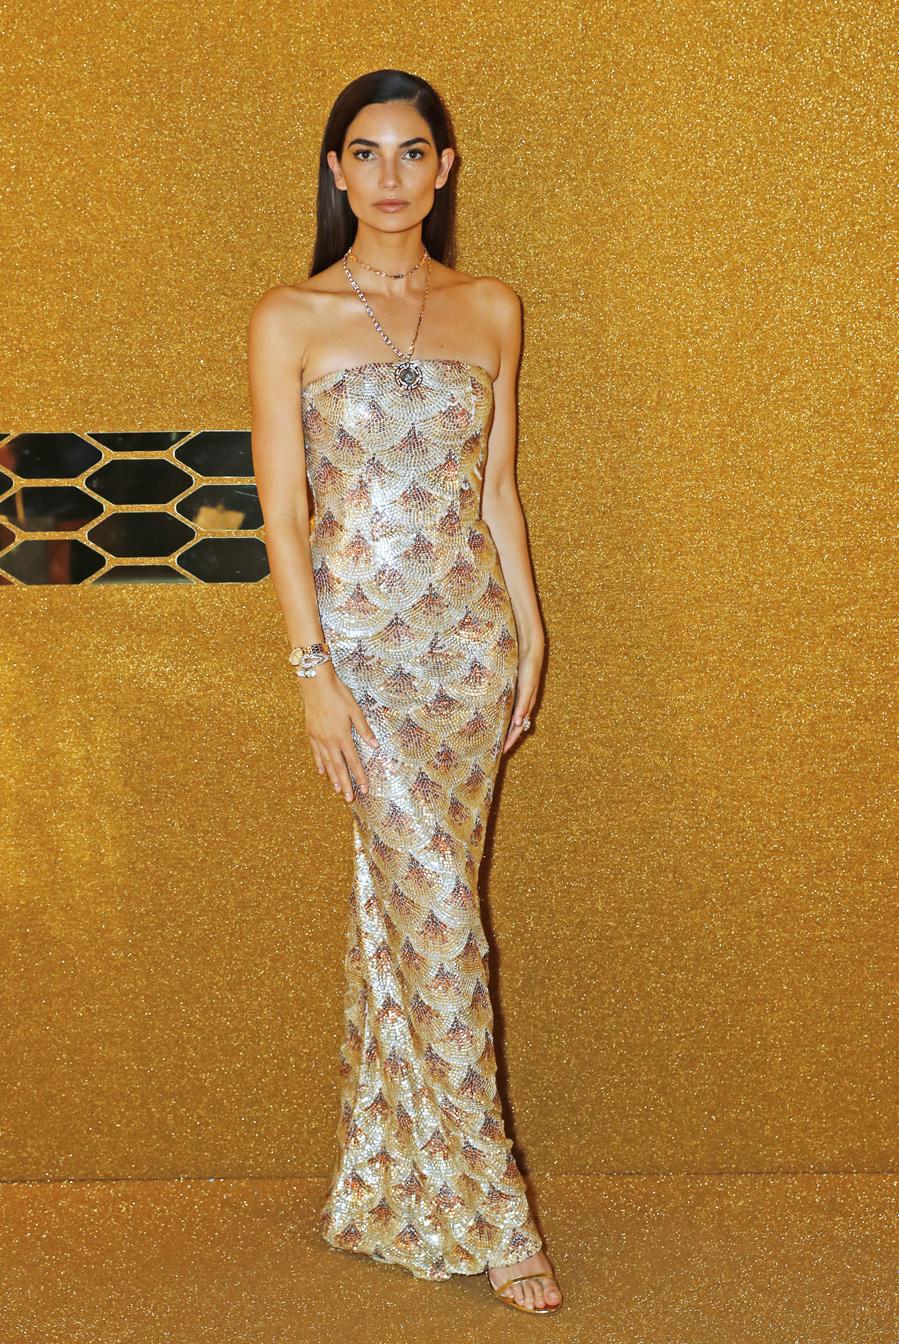 La modelo estadounidense con un vestido sirena estampado en tonos metálicos con escote palabra de honor que combinó con sandalias minimal de tiras doradas.